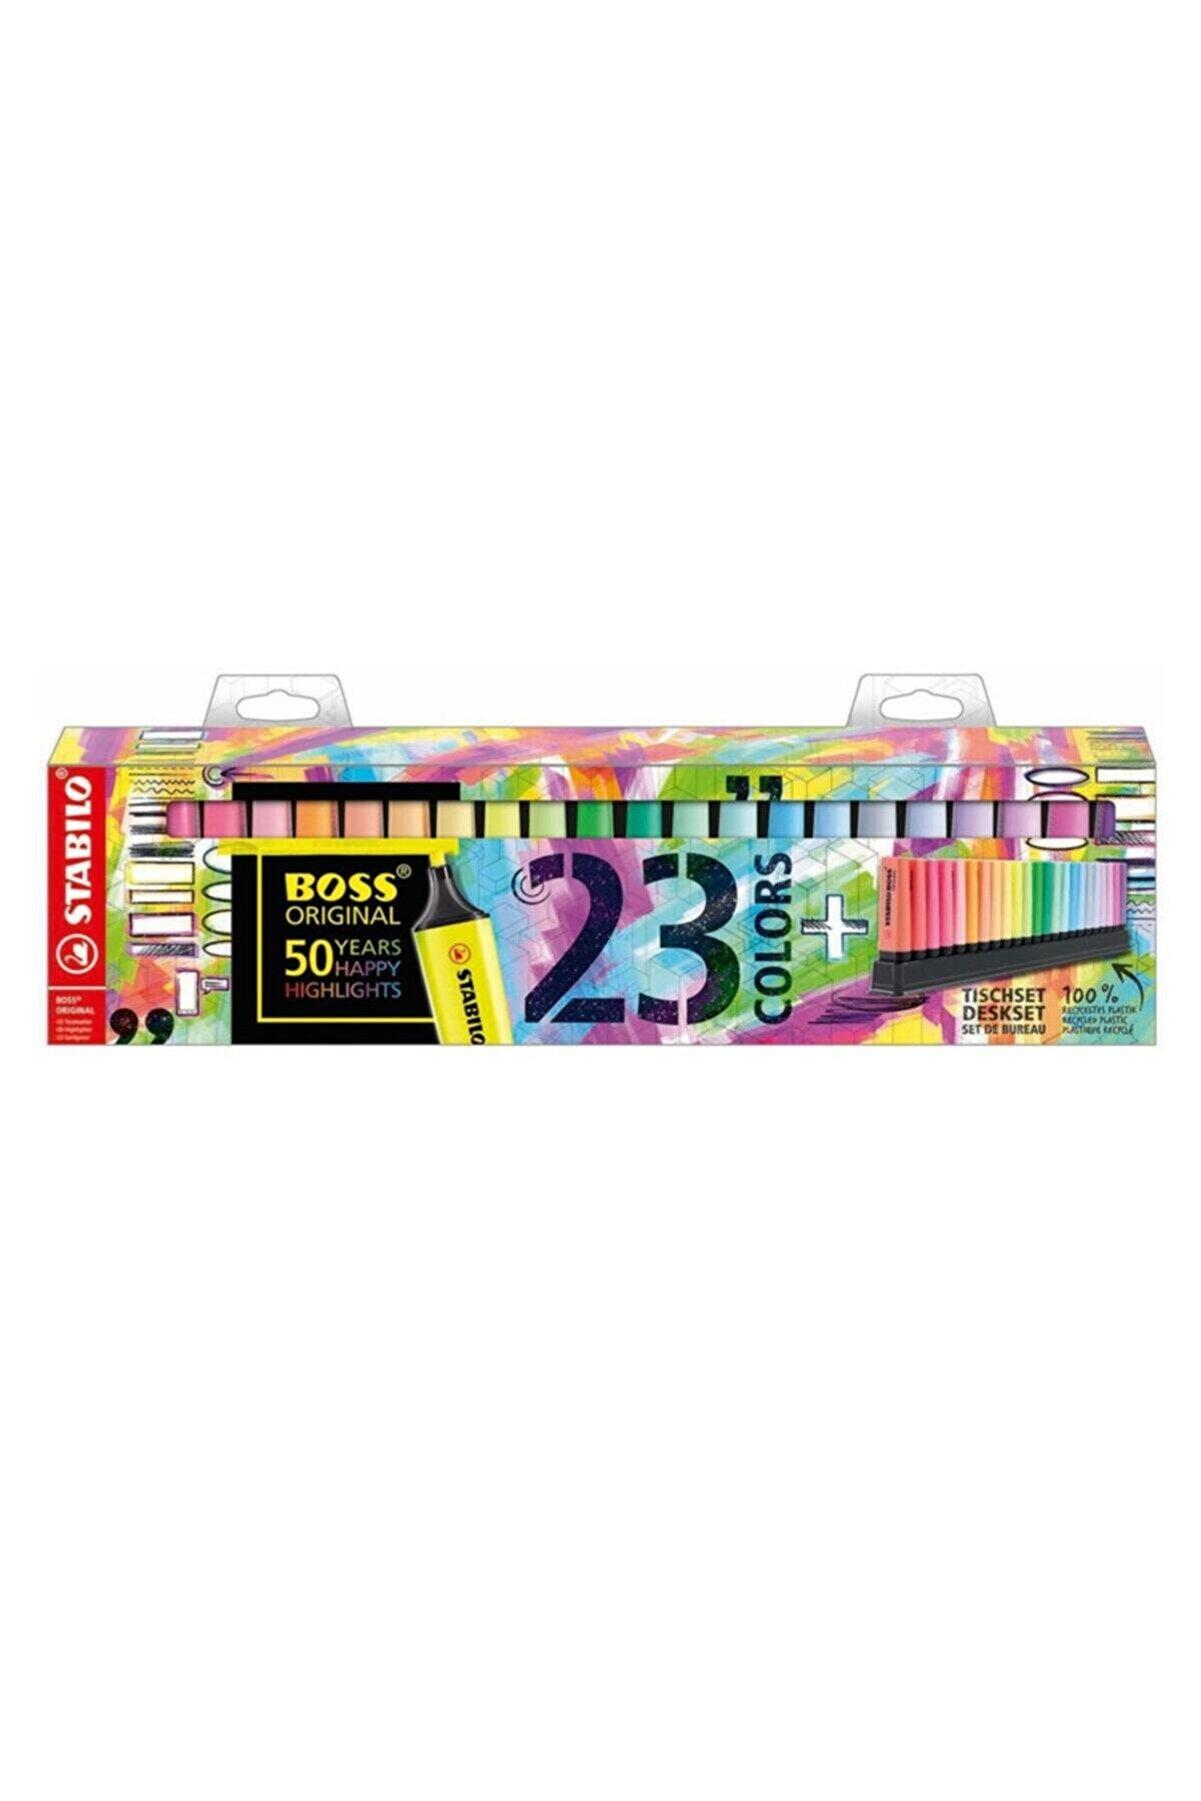 Stabilo Boss Original 50.yıla Özel Fosforlu Kalem Seti 7023-01-5